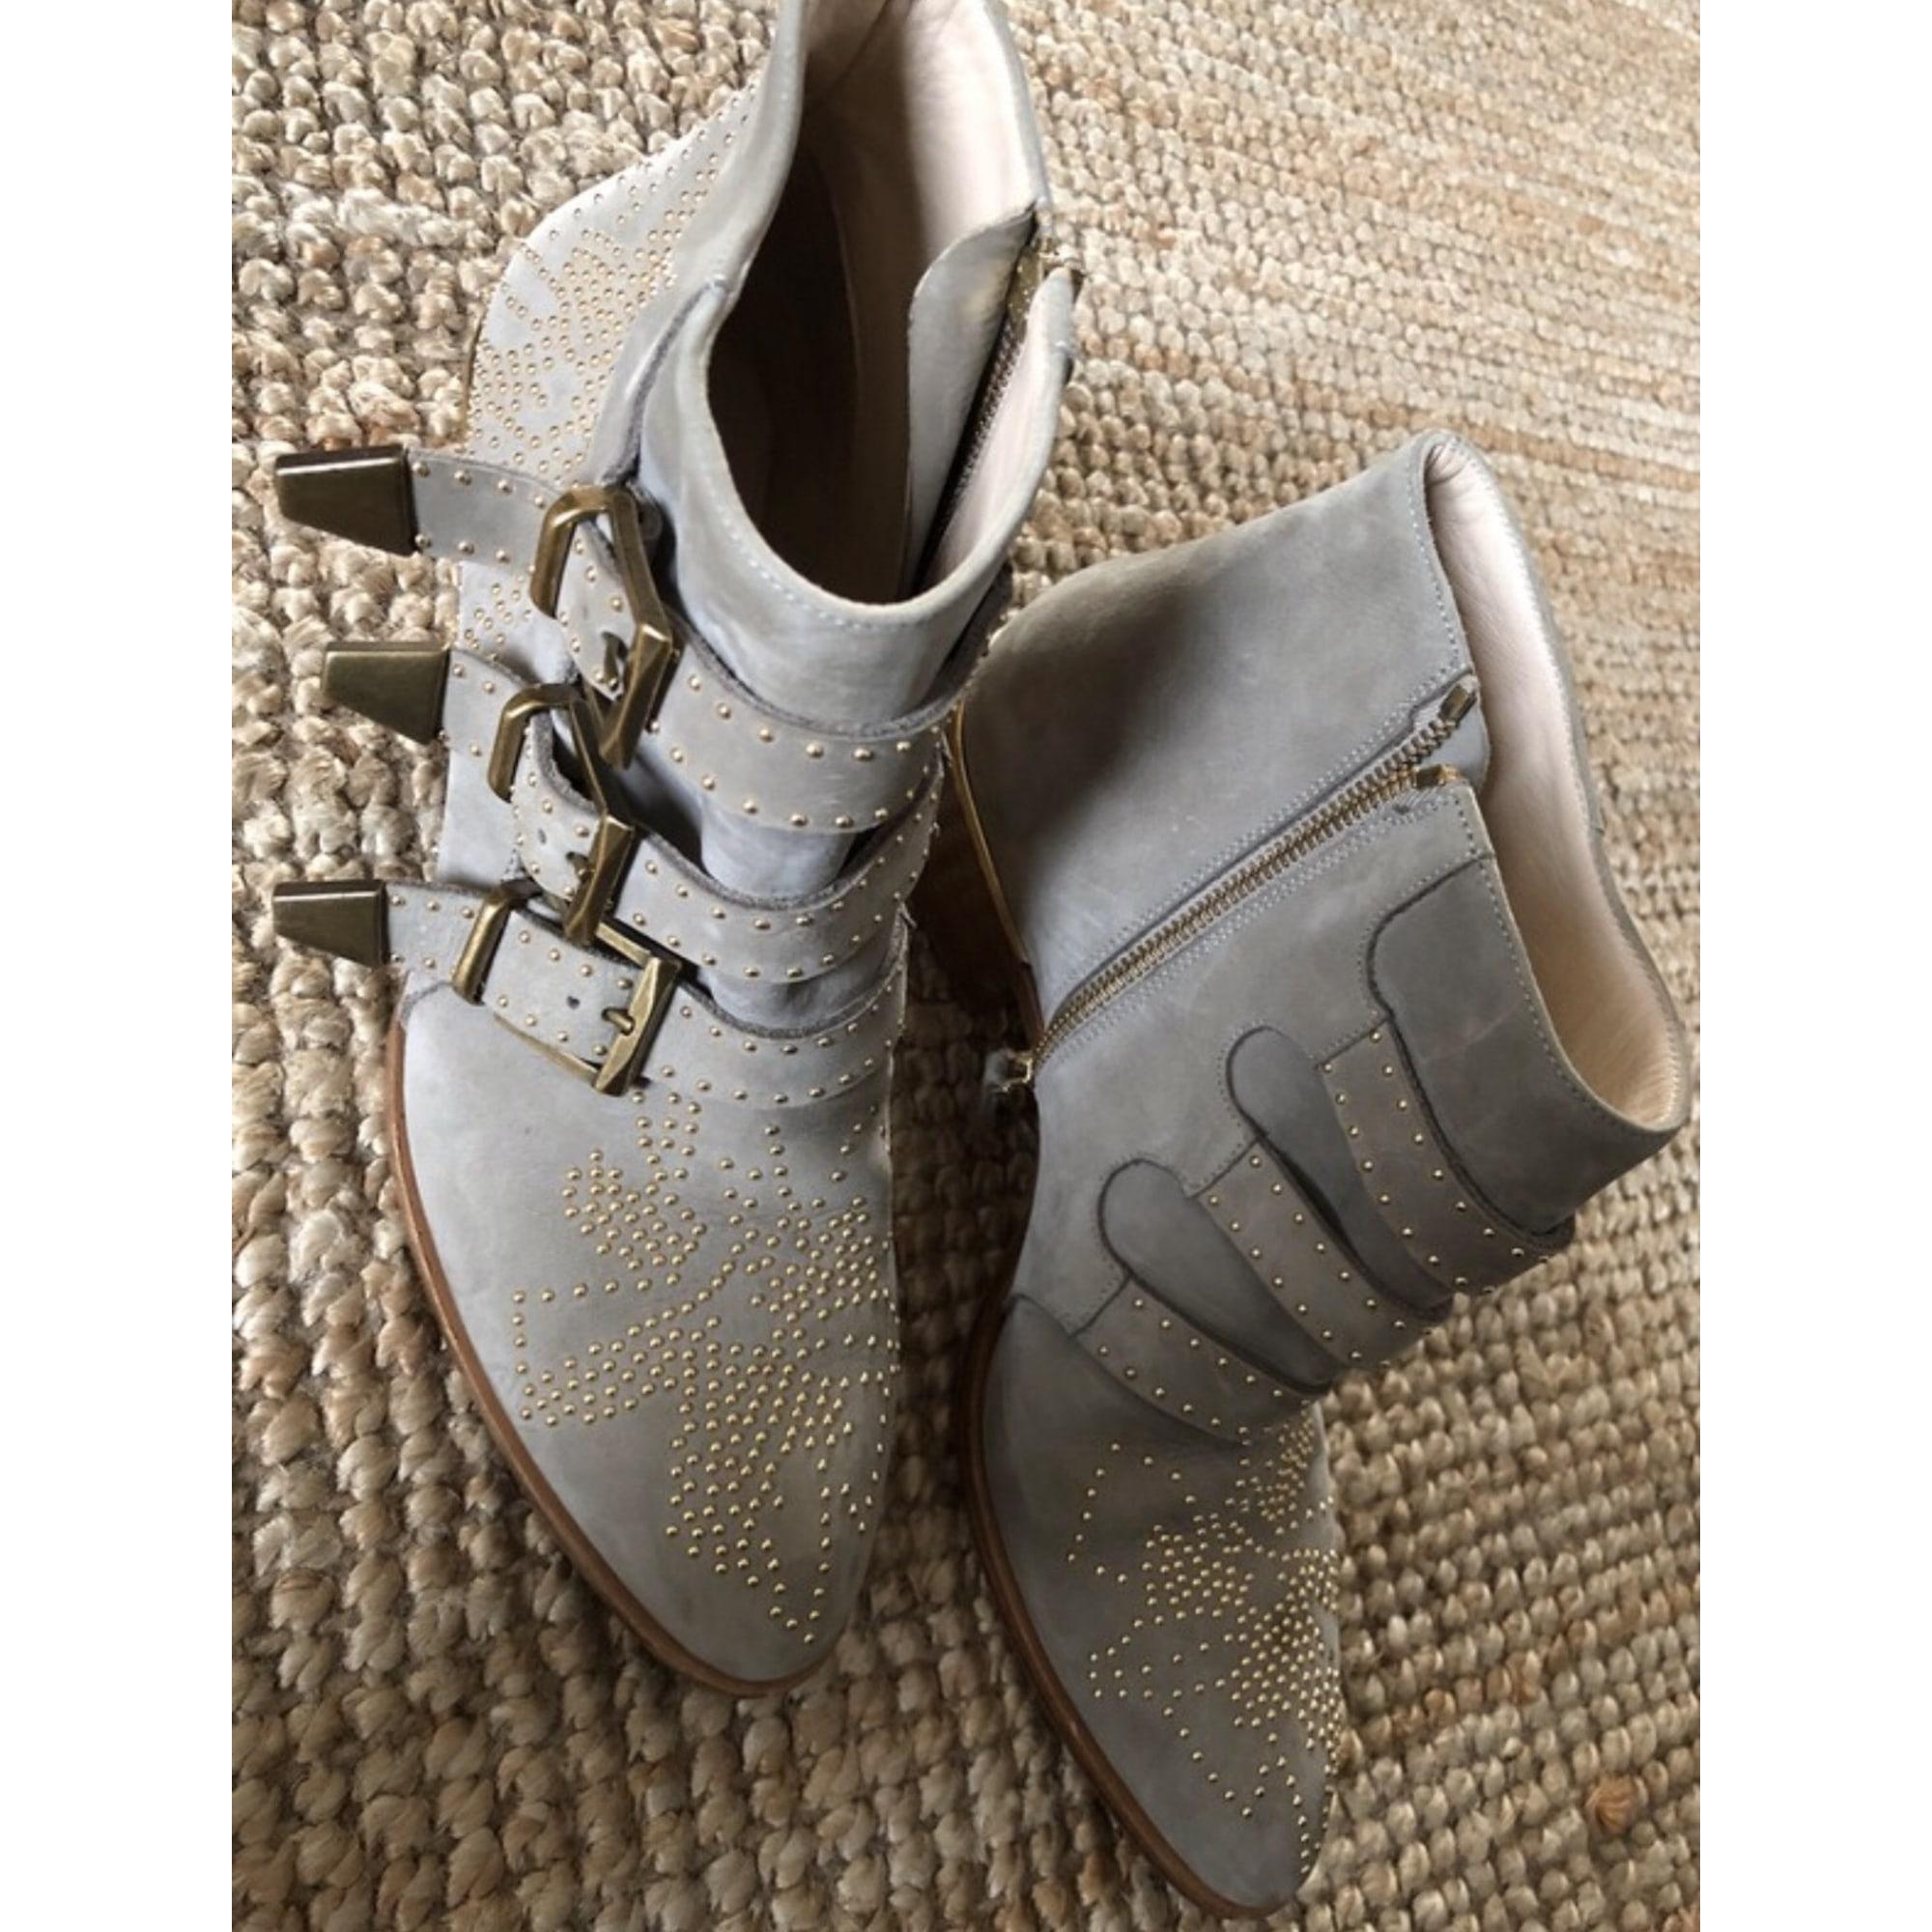 Santiags, bottines, low boots cowboy CHLOÉ Susanna Gris, anthracite